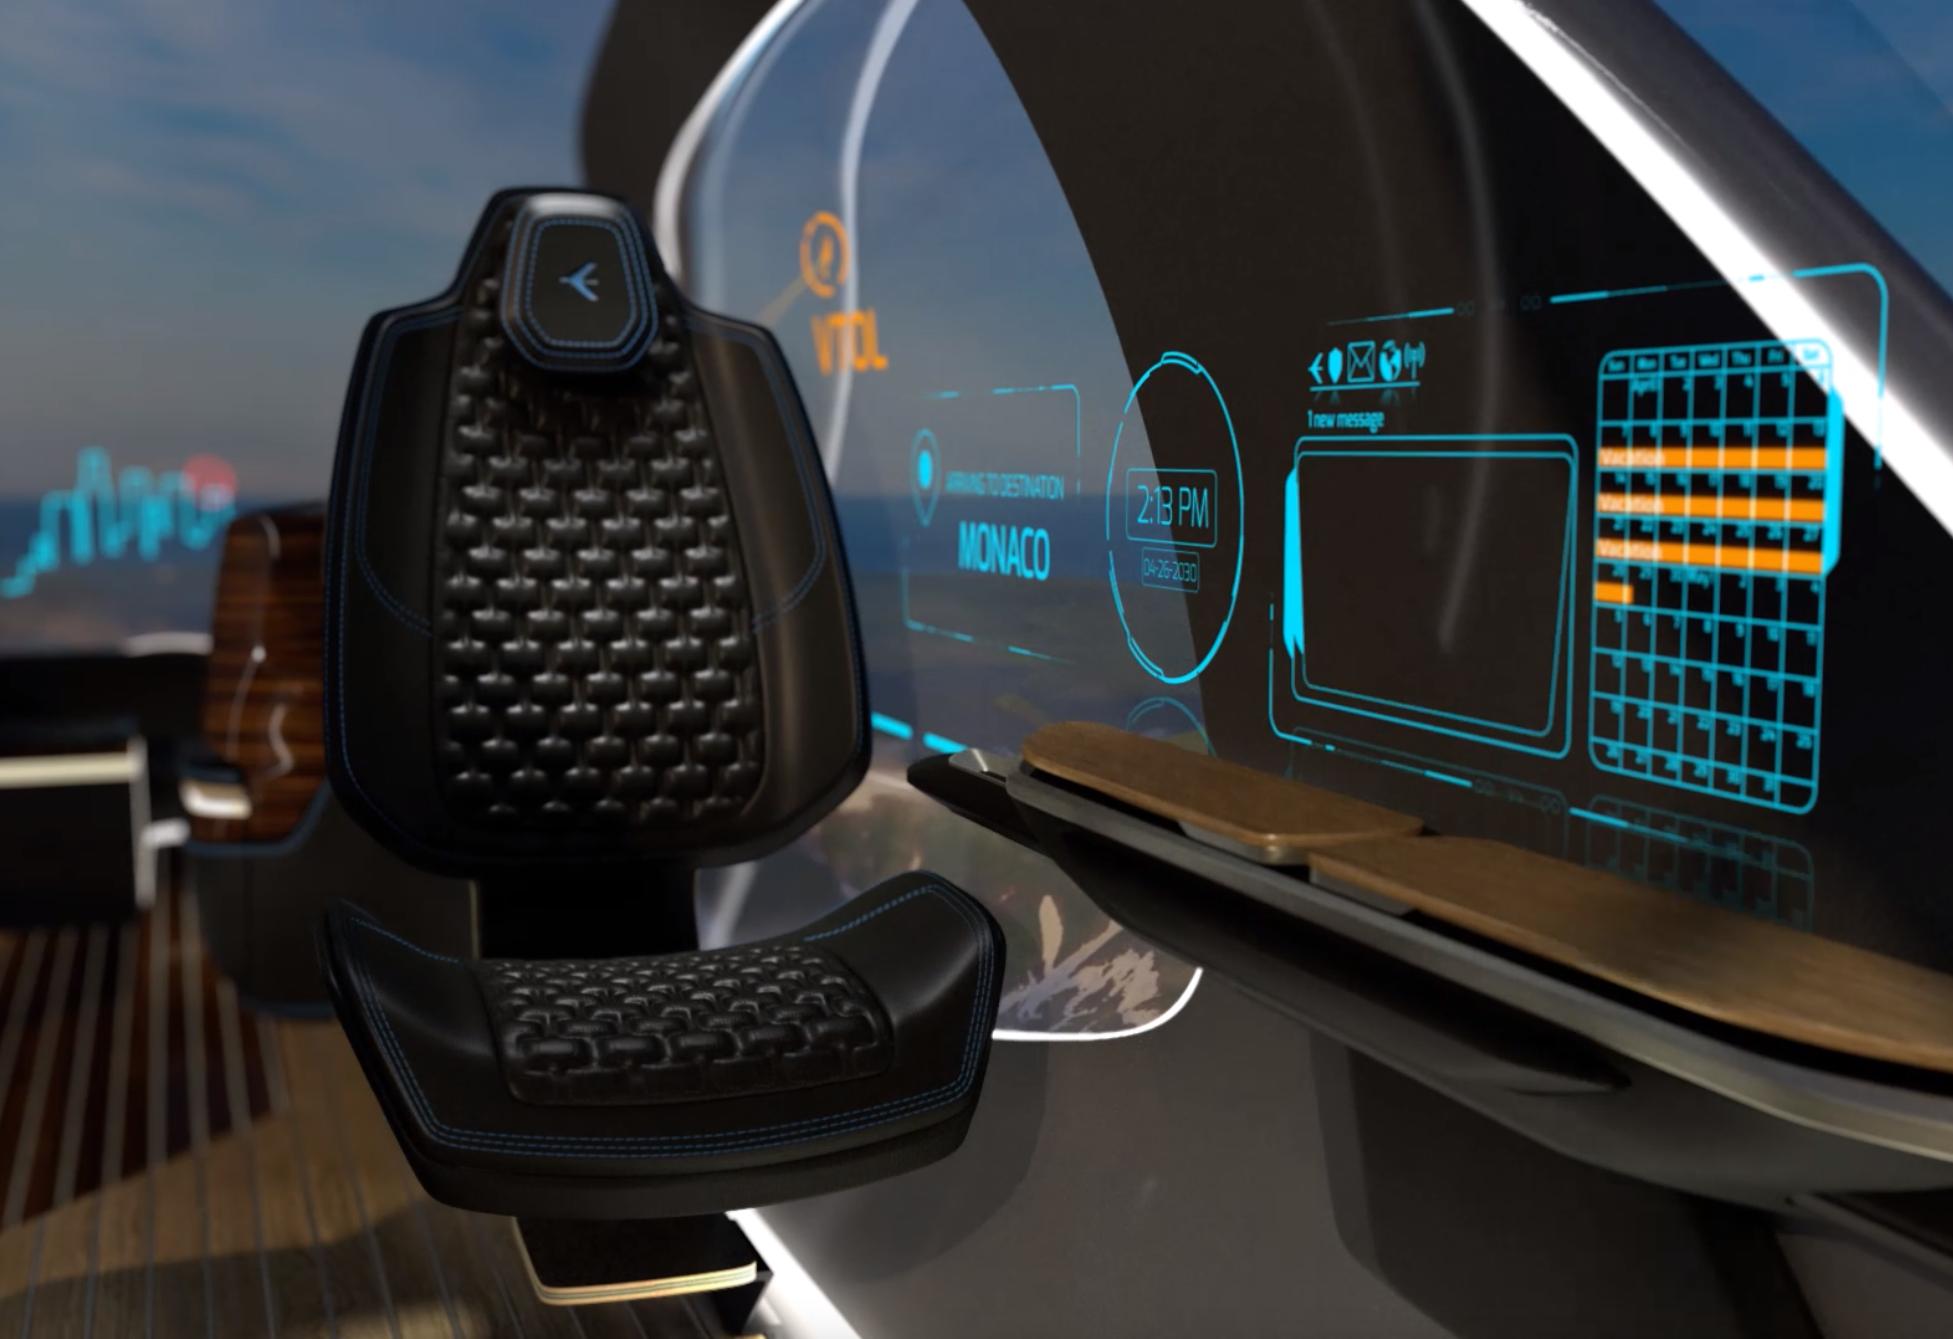 خودرو برقی پرنده Pulse Concept با پوسته شیشه تعاملی میدان دید 360 درجه ای در اختیار سرنشین خود قرار می دهد